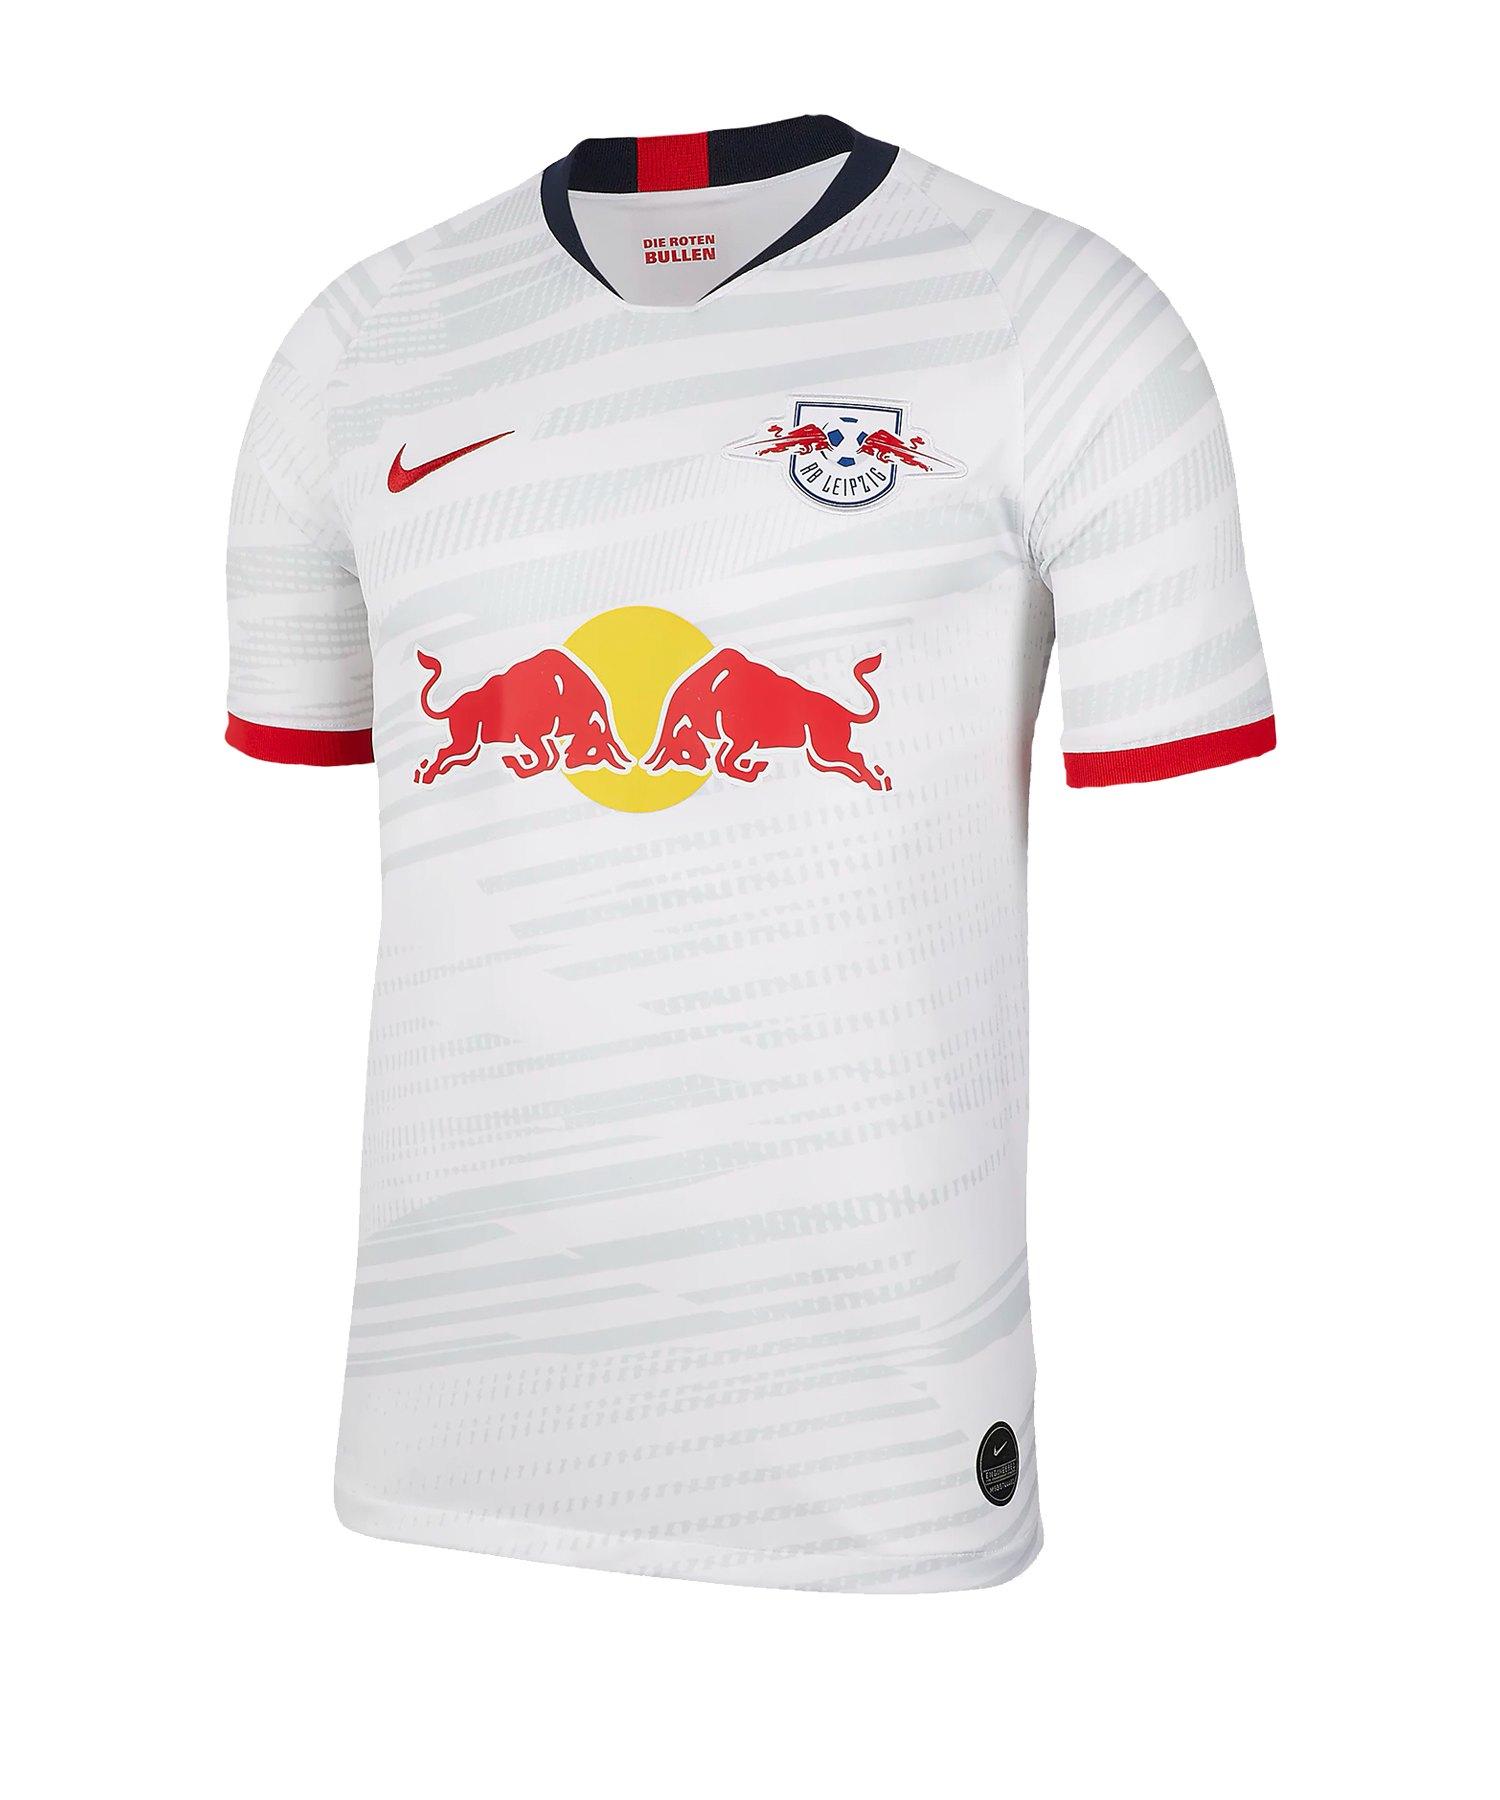 Nike RB Leipzig Trikot Home 20192020 Kids F101